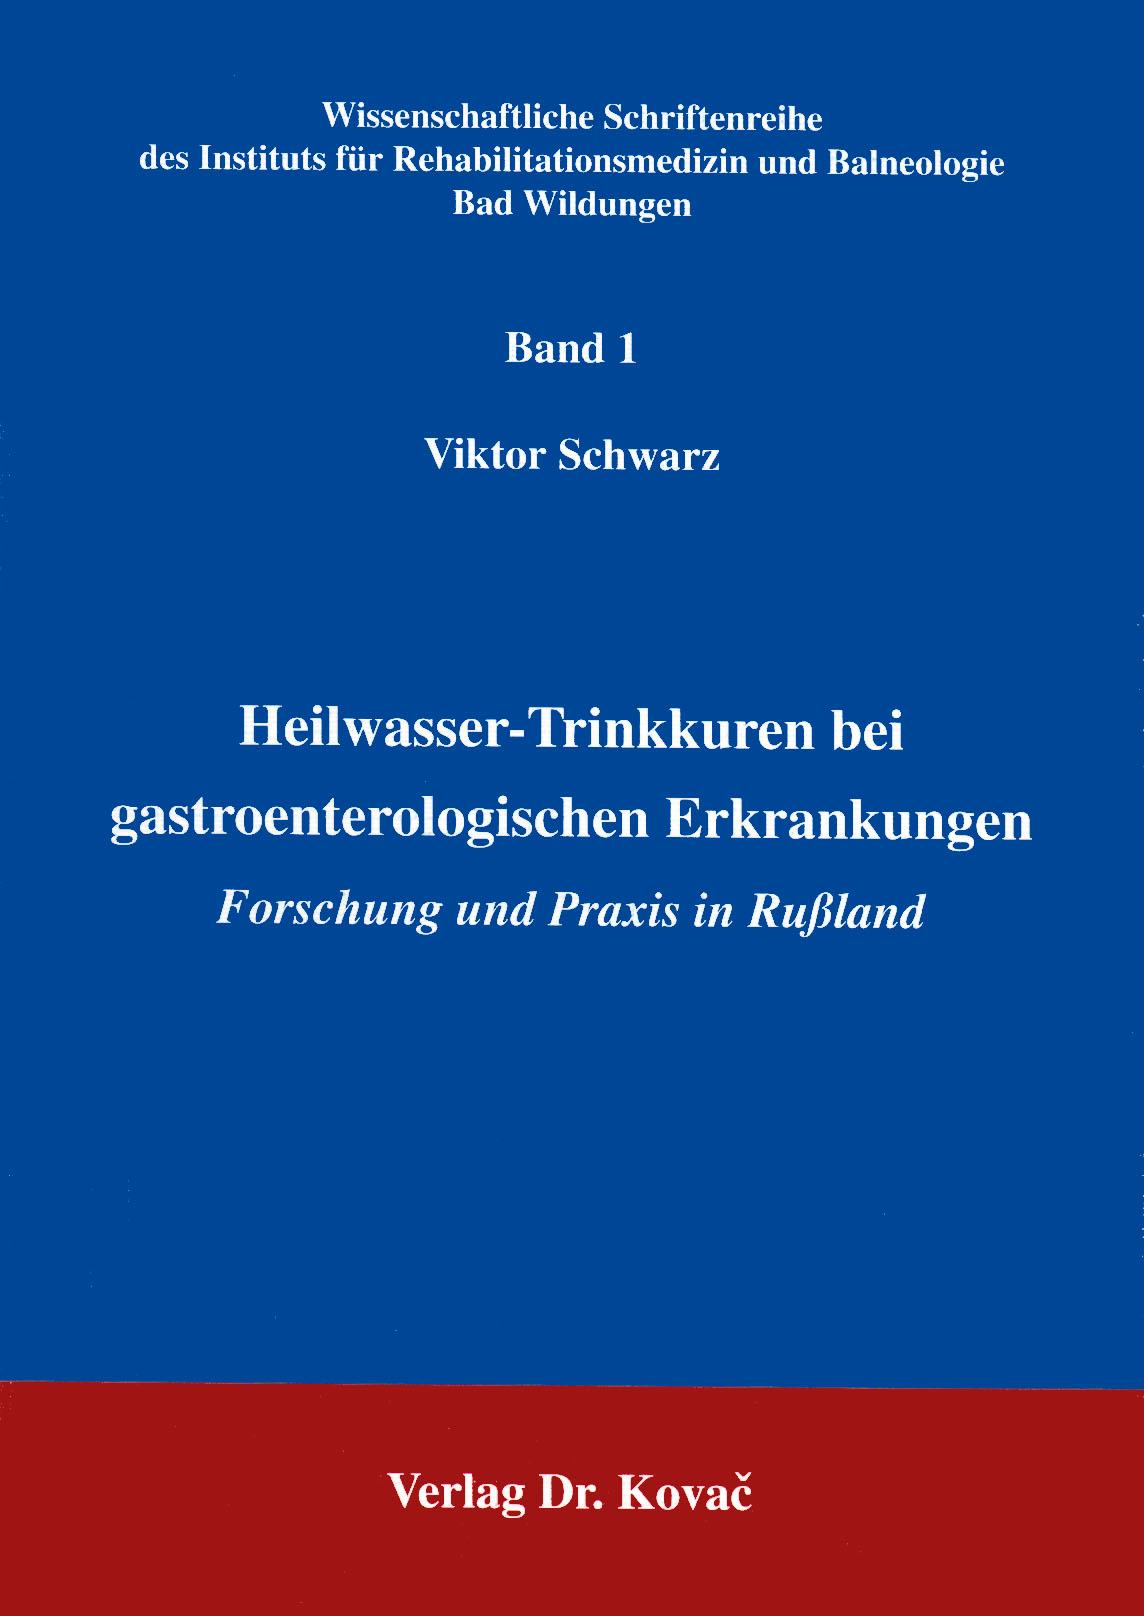 Cover: Heilwasser-Trinkkuren bei gastroenterologischen Erkrankungen